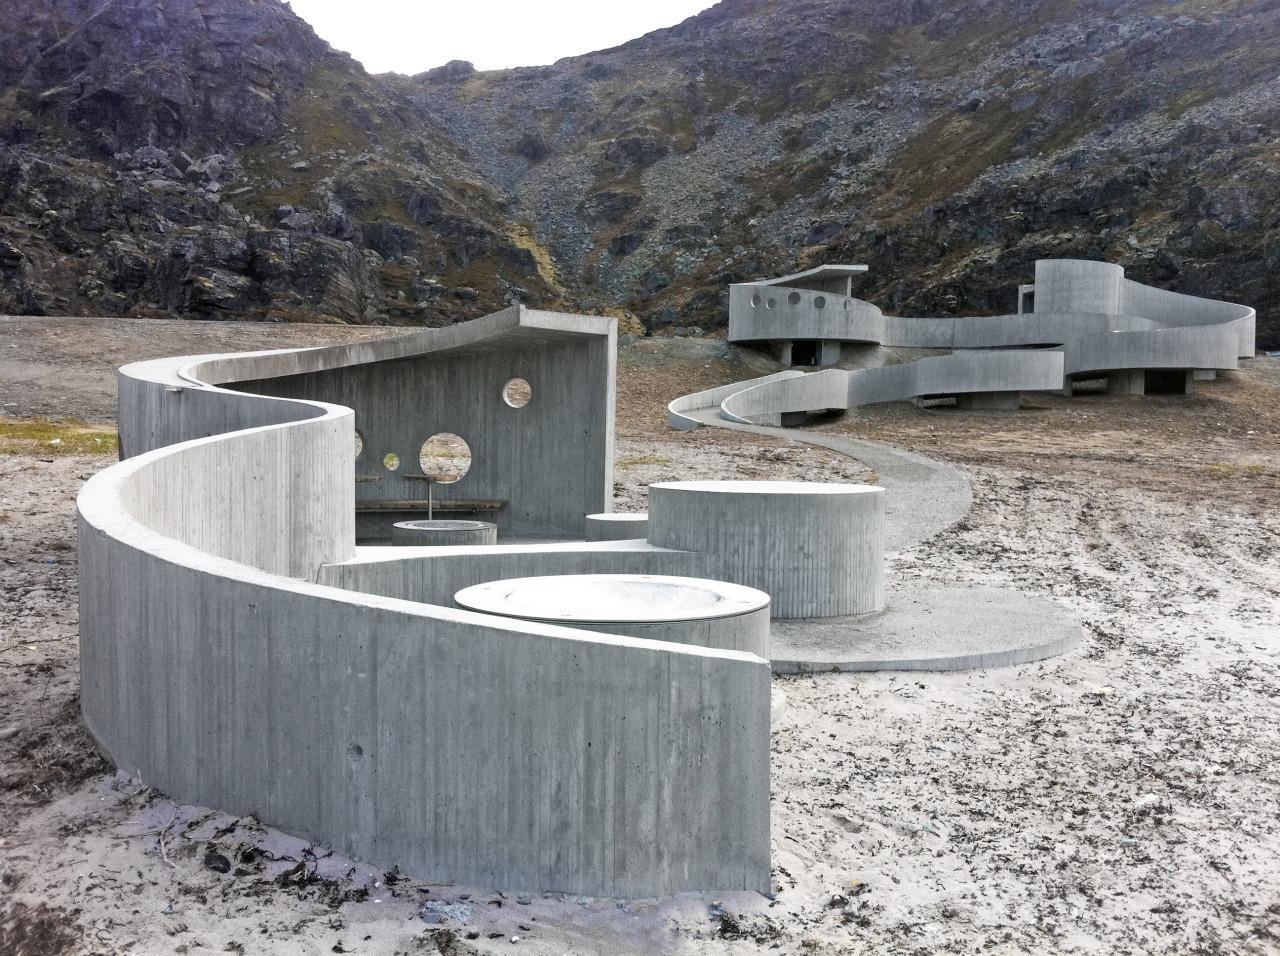 Arquitectura y Naturaleza: Un marco para la construcción en el paisaje,Selvika de Reiulf Ramstad Arkitekter. Imagen cortesía de Reiulf Ramstad Architects